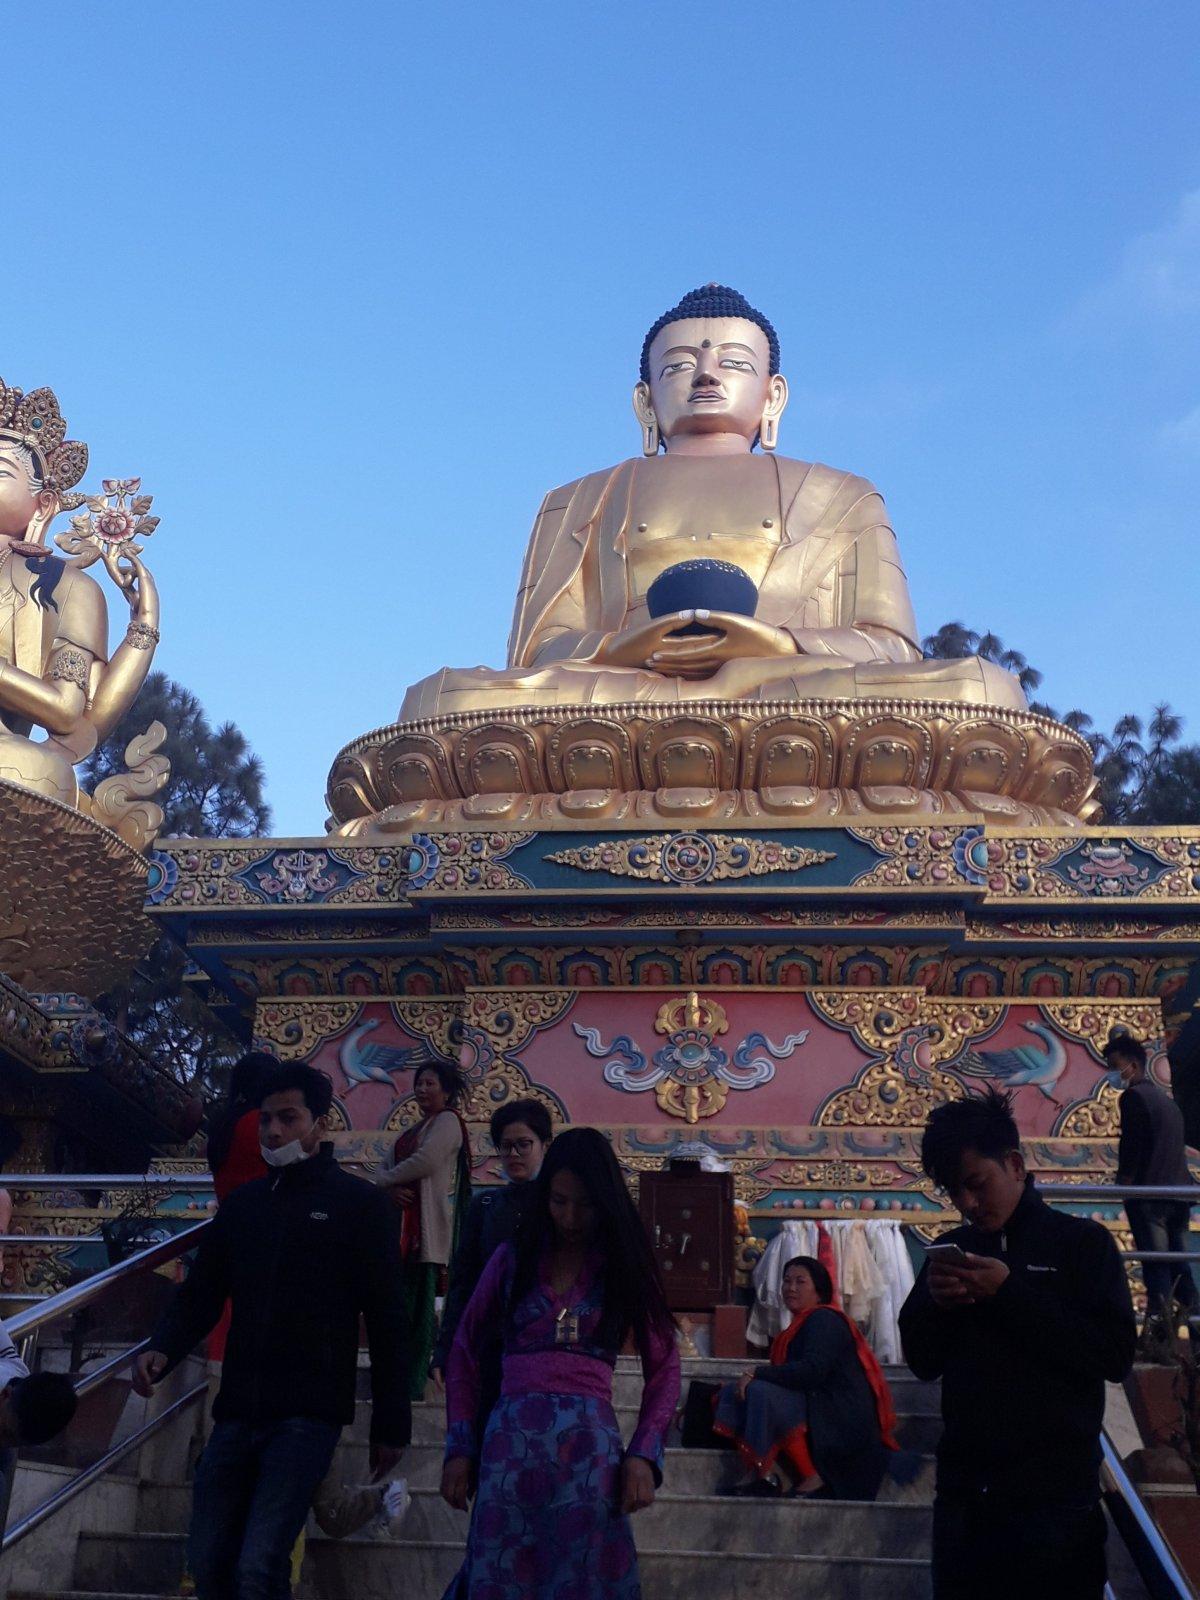 Óriási Buddha-szobor a Swayambhunath sztúpához vezető lépcsősor aljánál Katmanduban •  Fotó: Kiss Judit